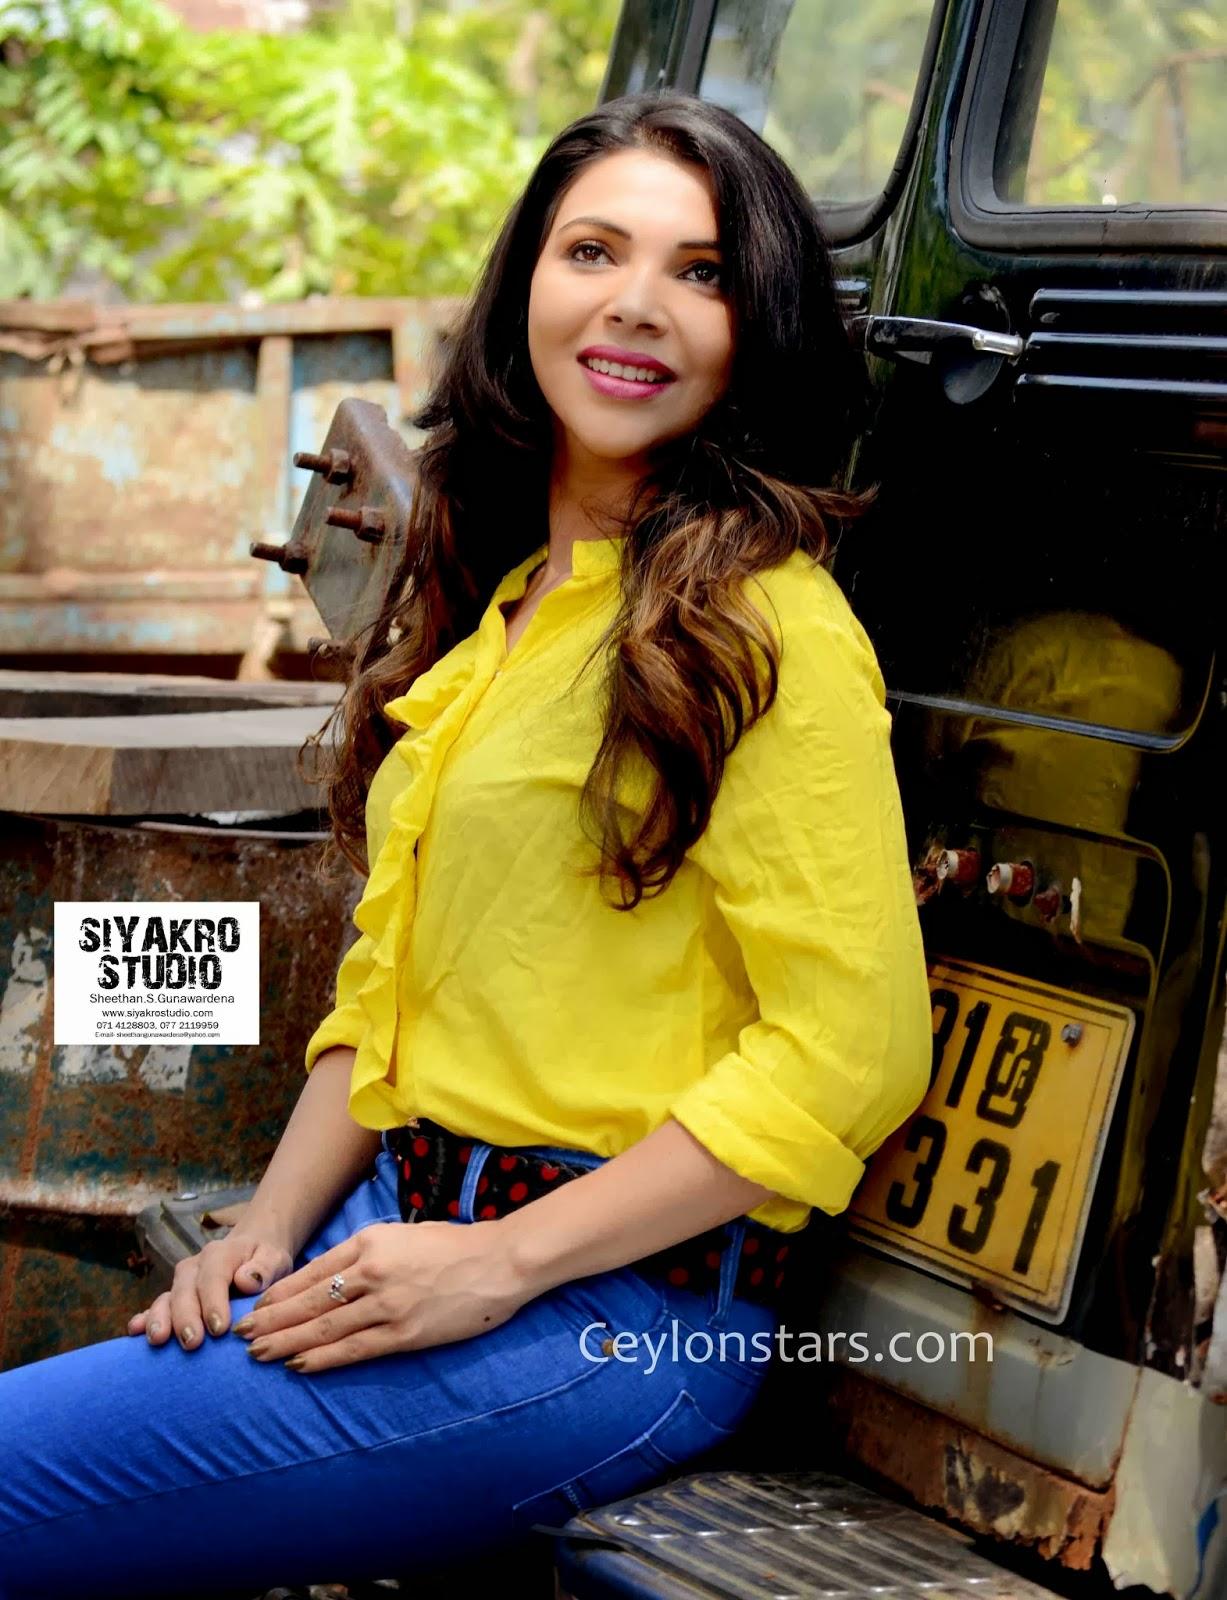 Shashi Anjelina sri lankan model